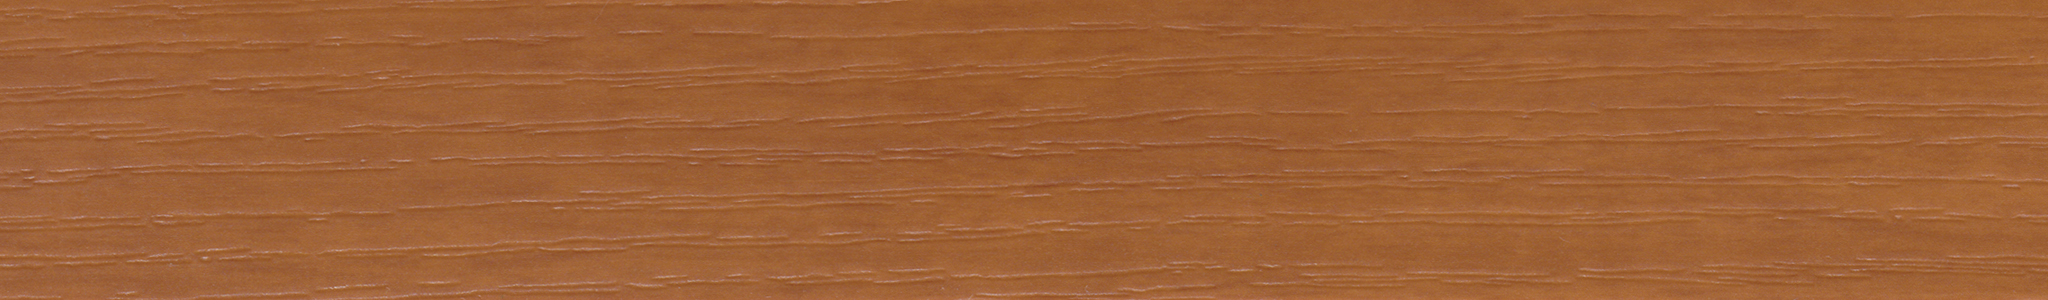 HD 271972 ABS Kante Dekor Apfel Pore